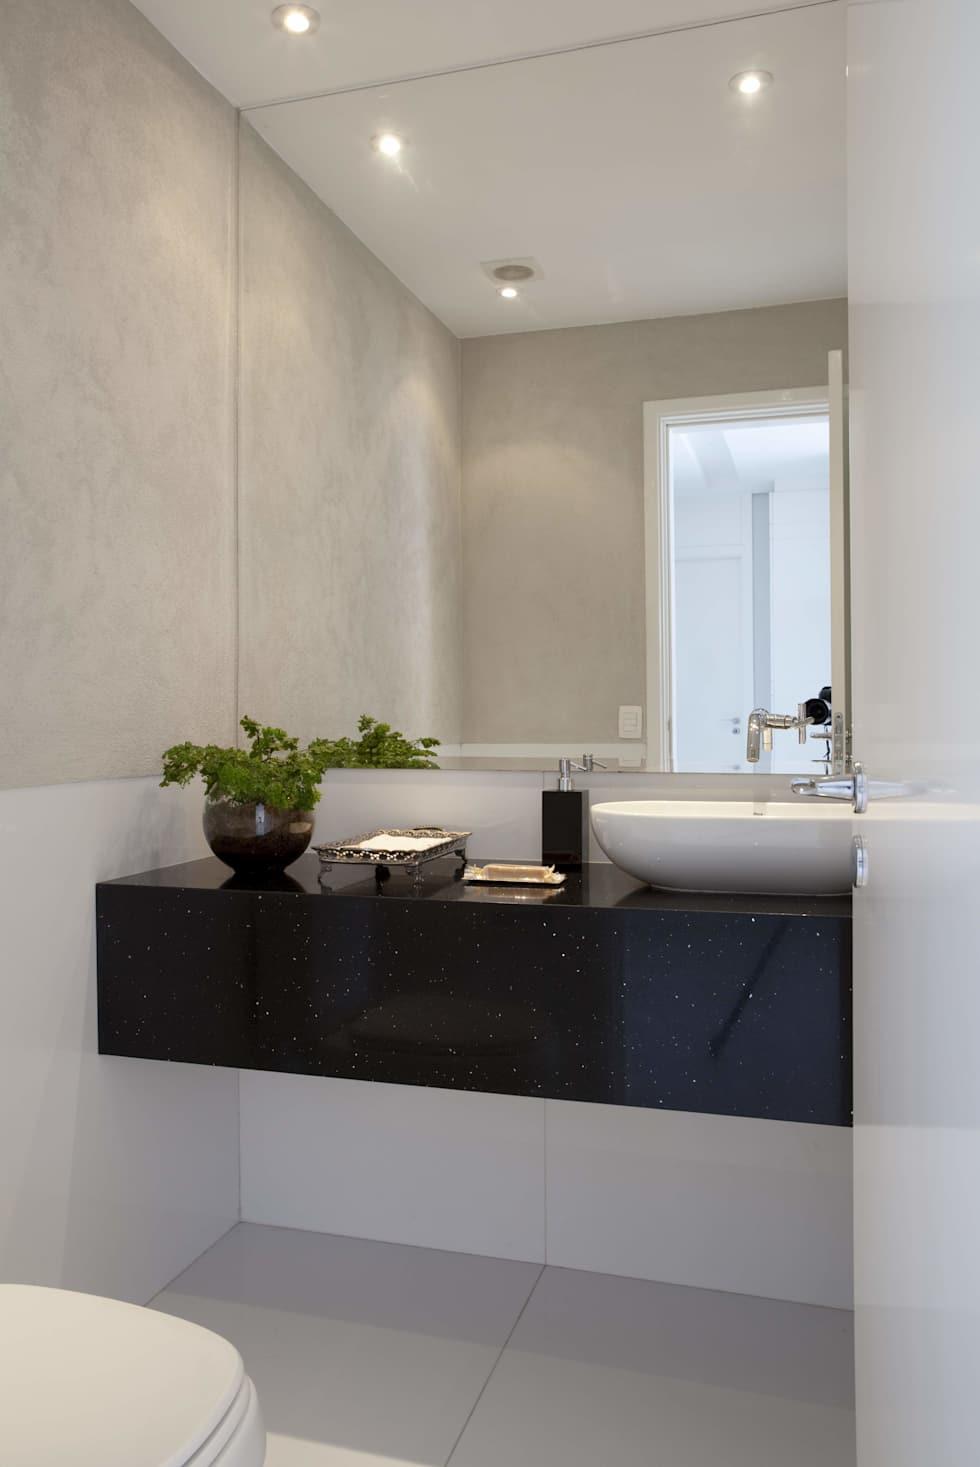 Granito Preto Tipos Pre Os E 50 Fotos De Projetos ~ Bancada Cozinha Granito Preto